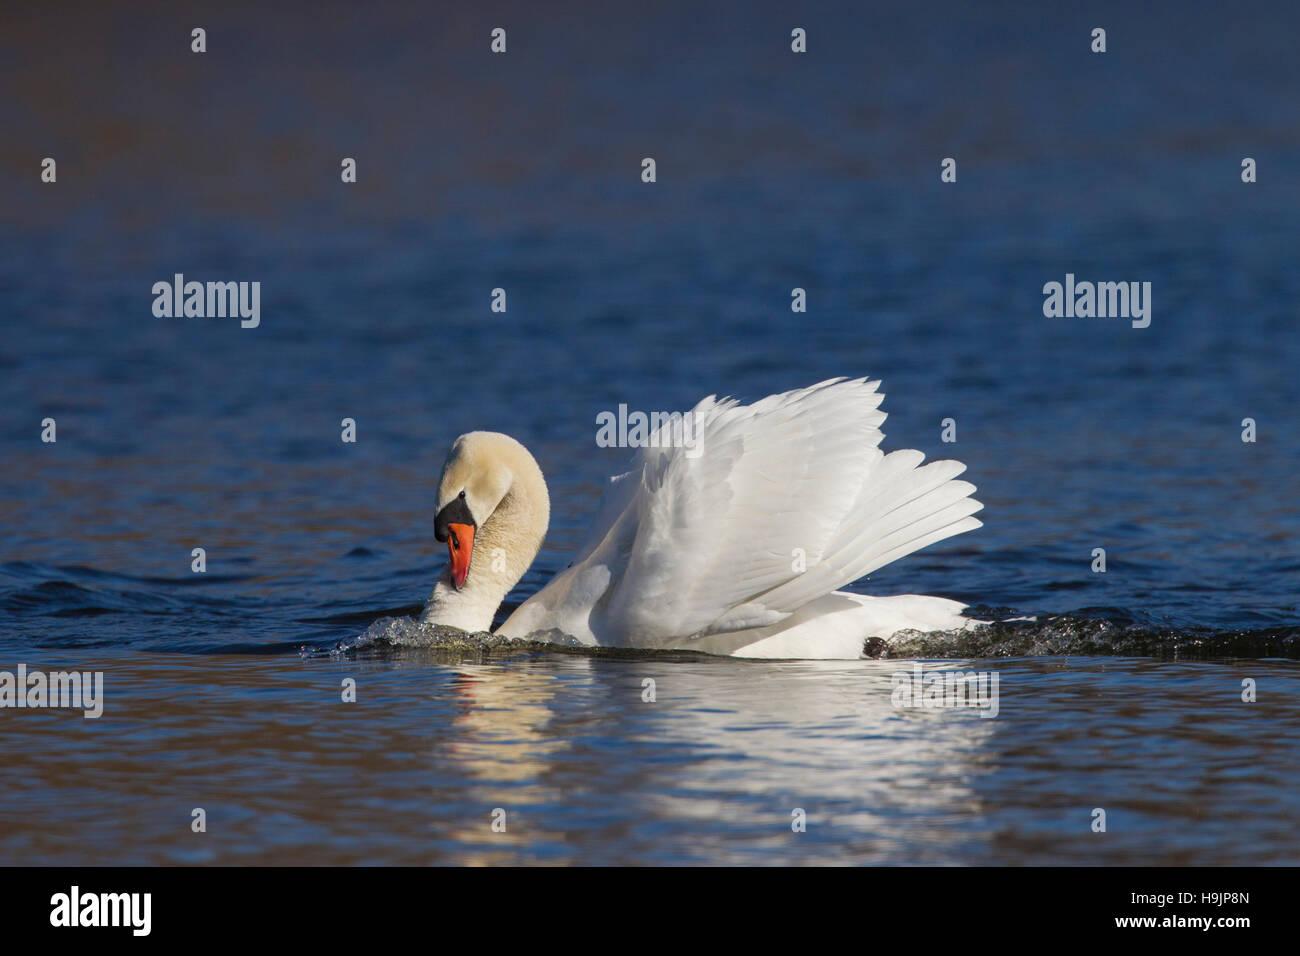 Musicista di strada territoriale cigno (Cygnus olor) maschio nel display di minaccia di nuoto con collo schiena Immagini Stock